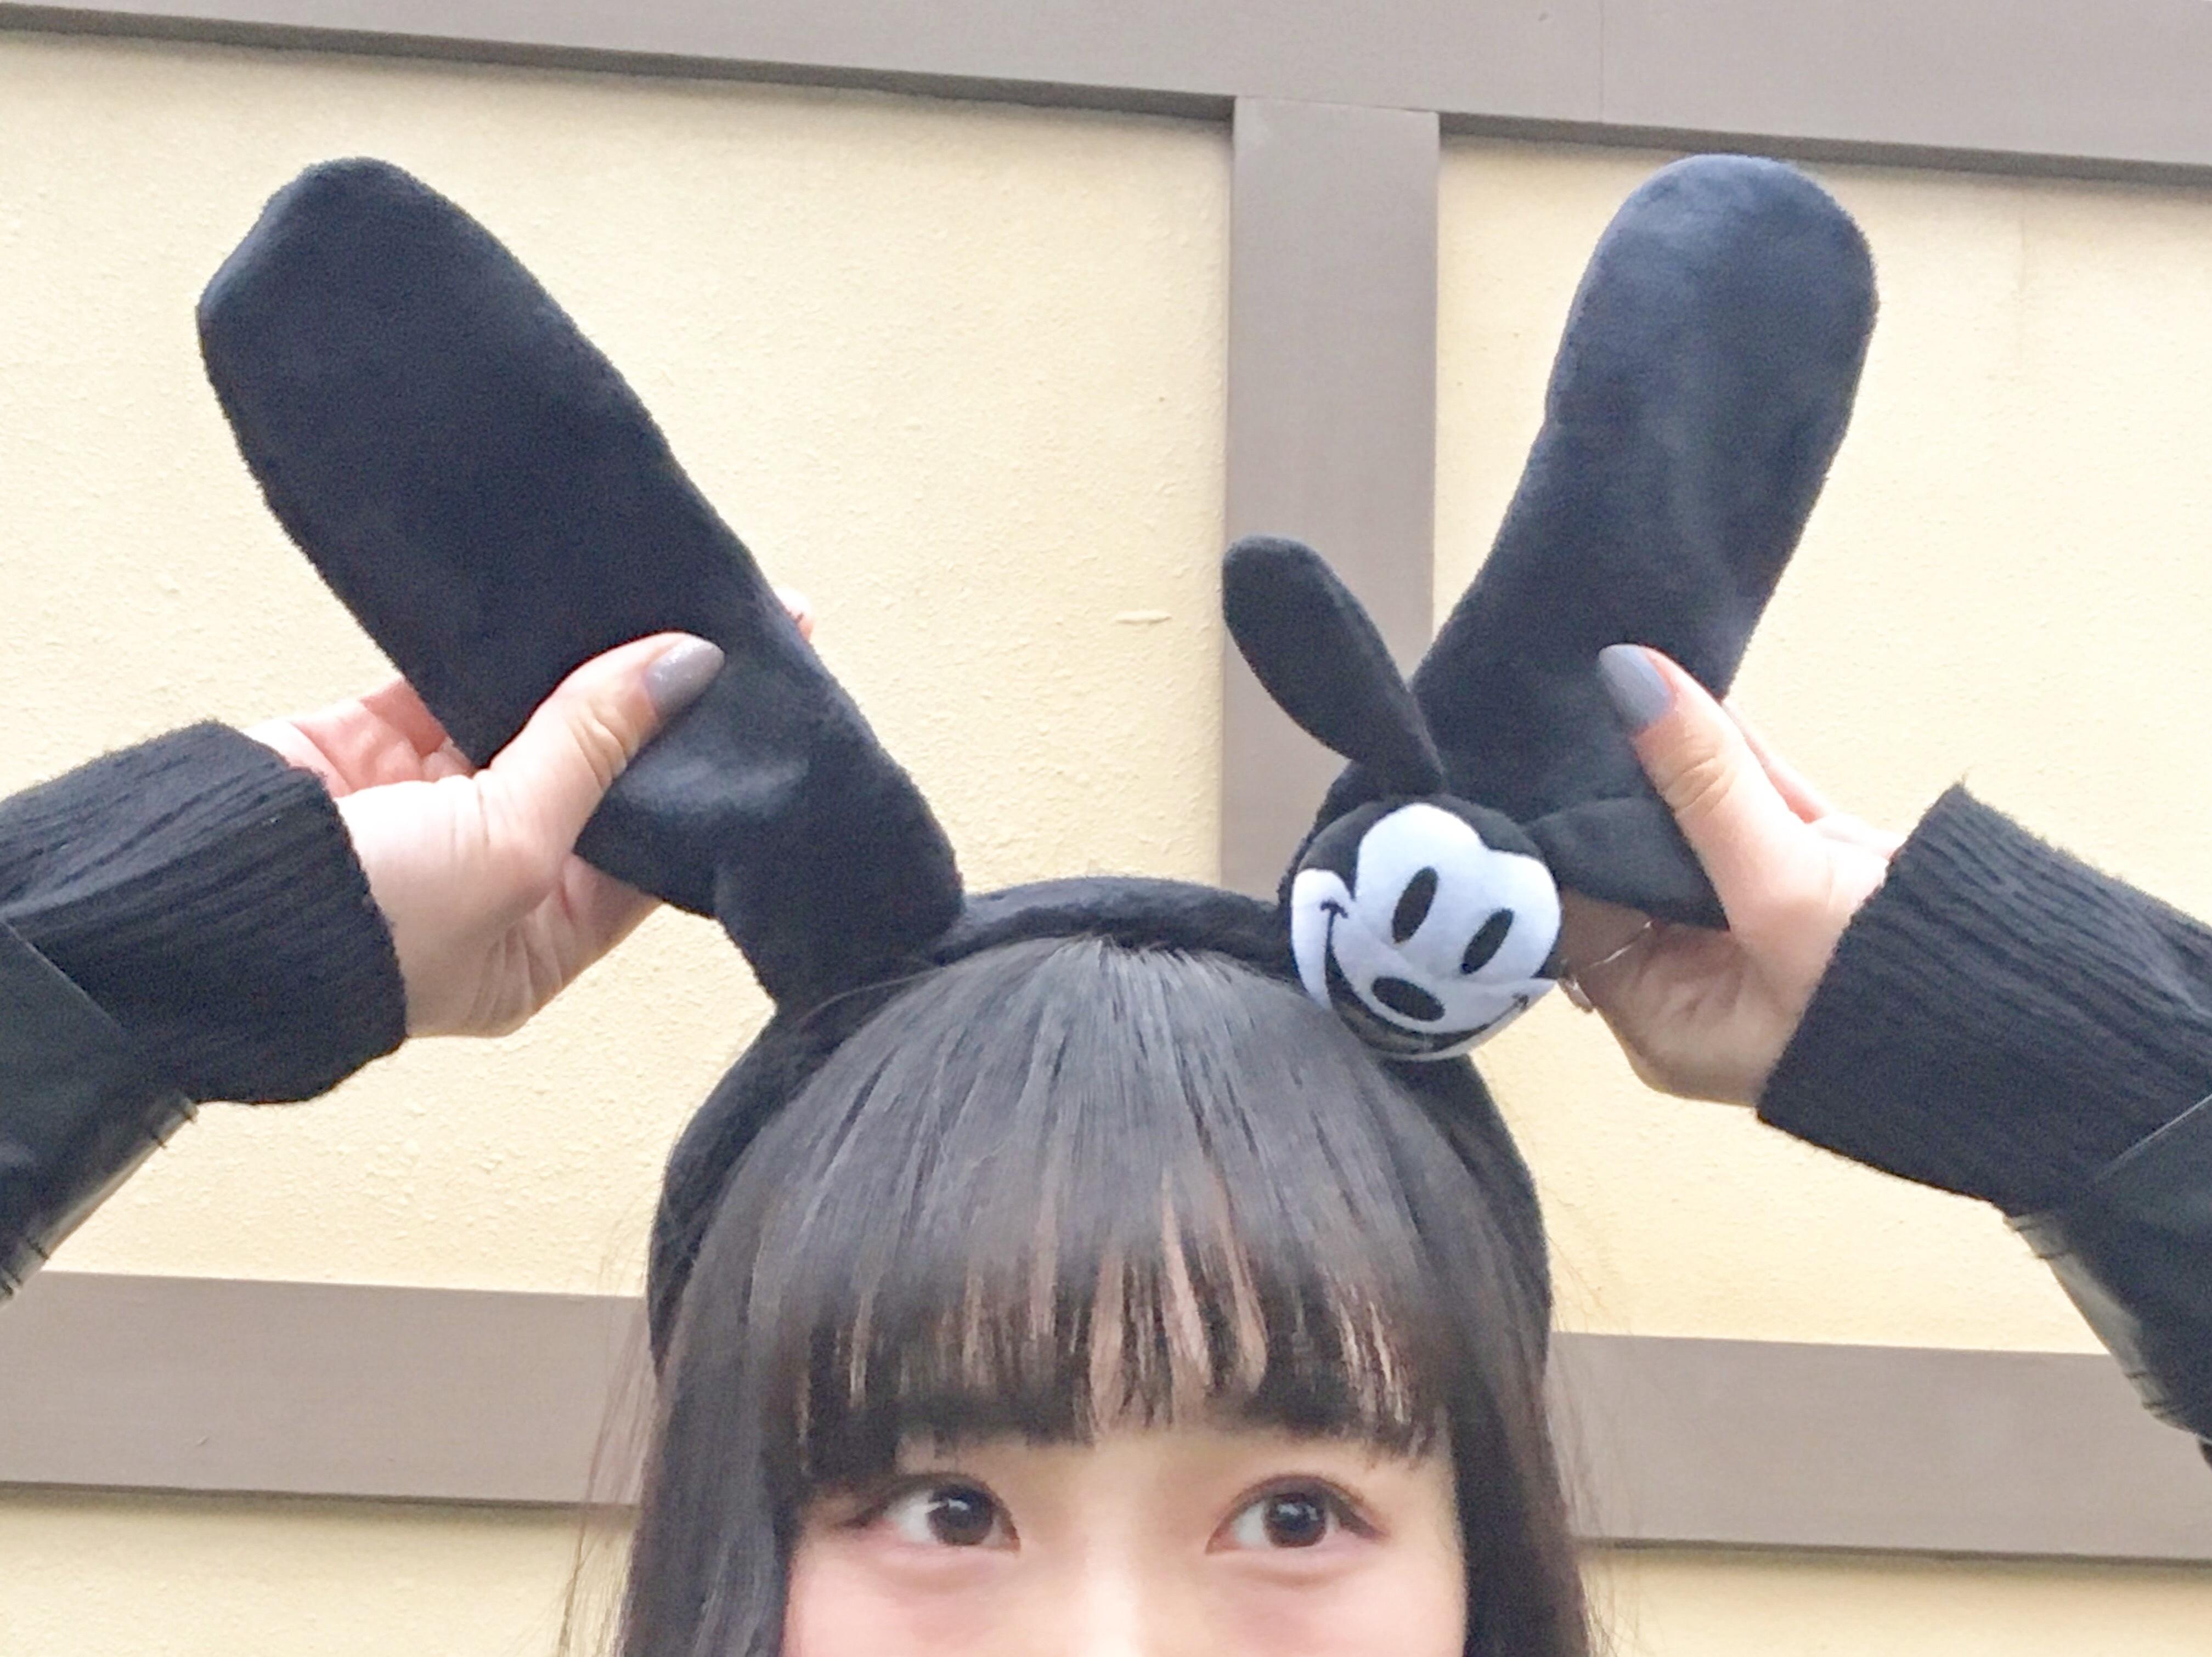 ディズニーの人気カチューシャ&モノクロコーデ紹介\\(